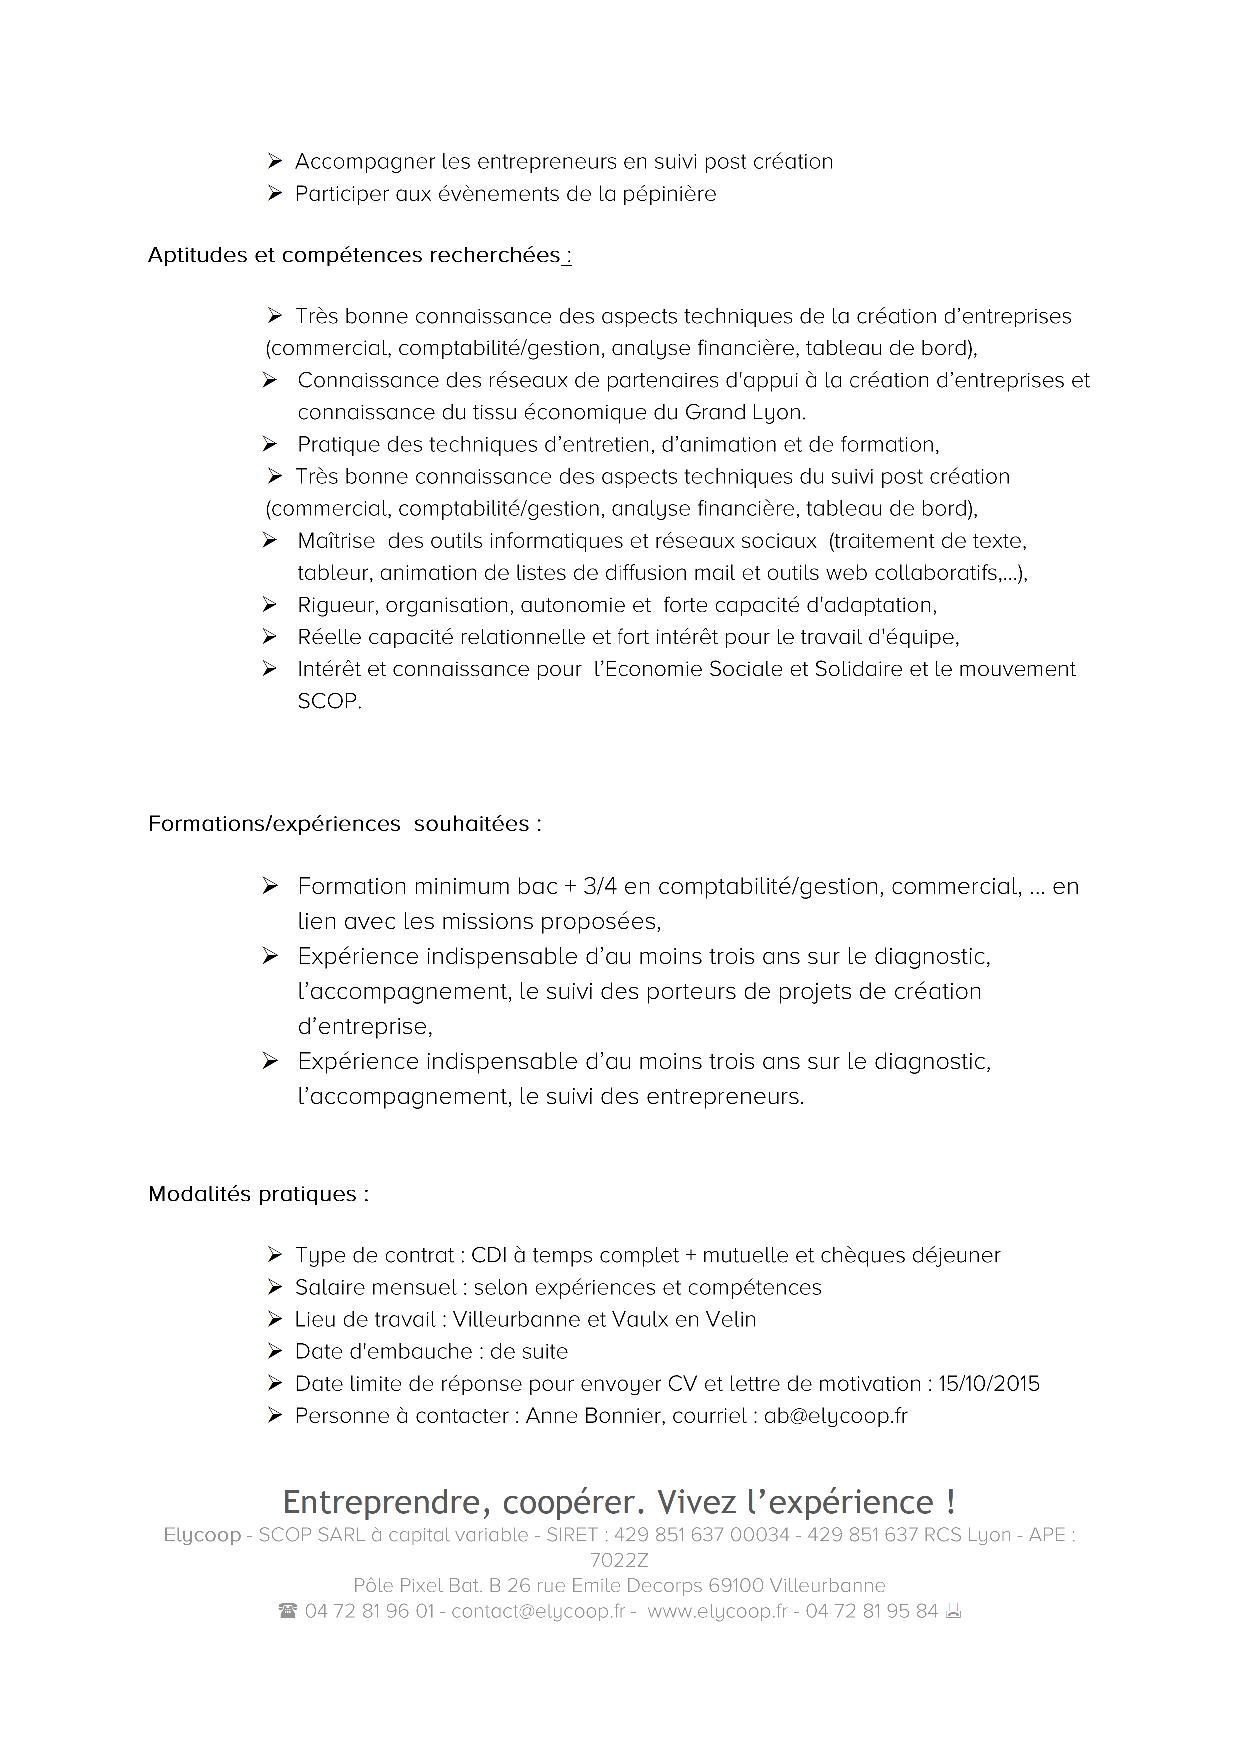 offre d'emploi_acc_20152